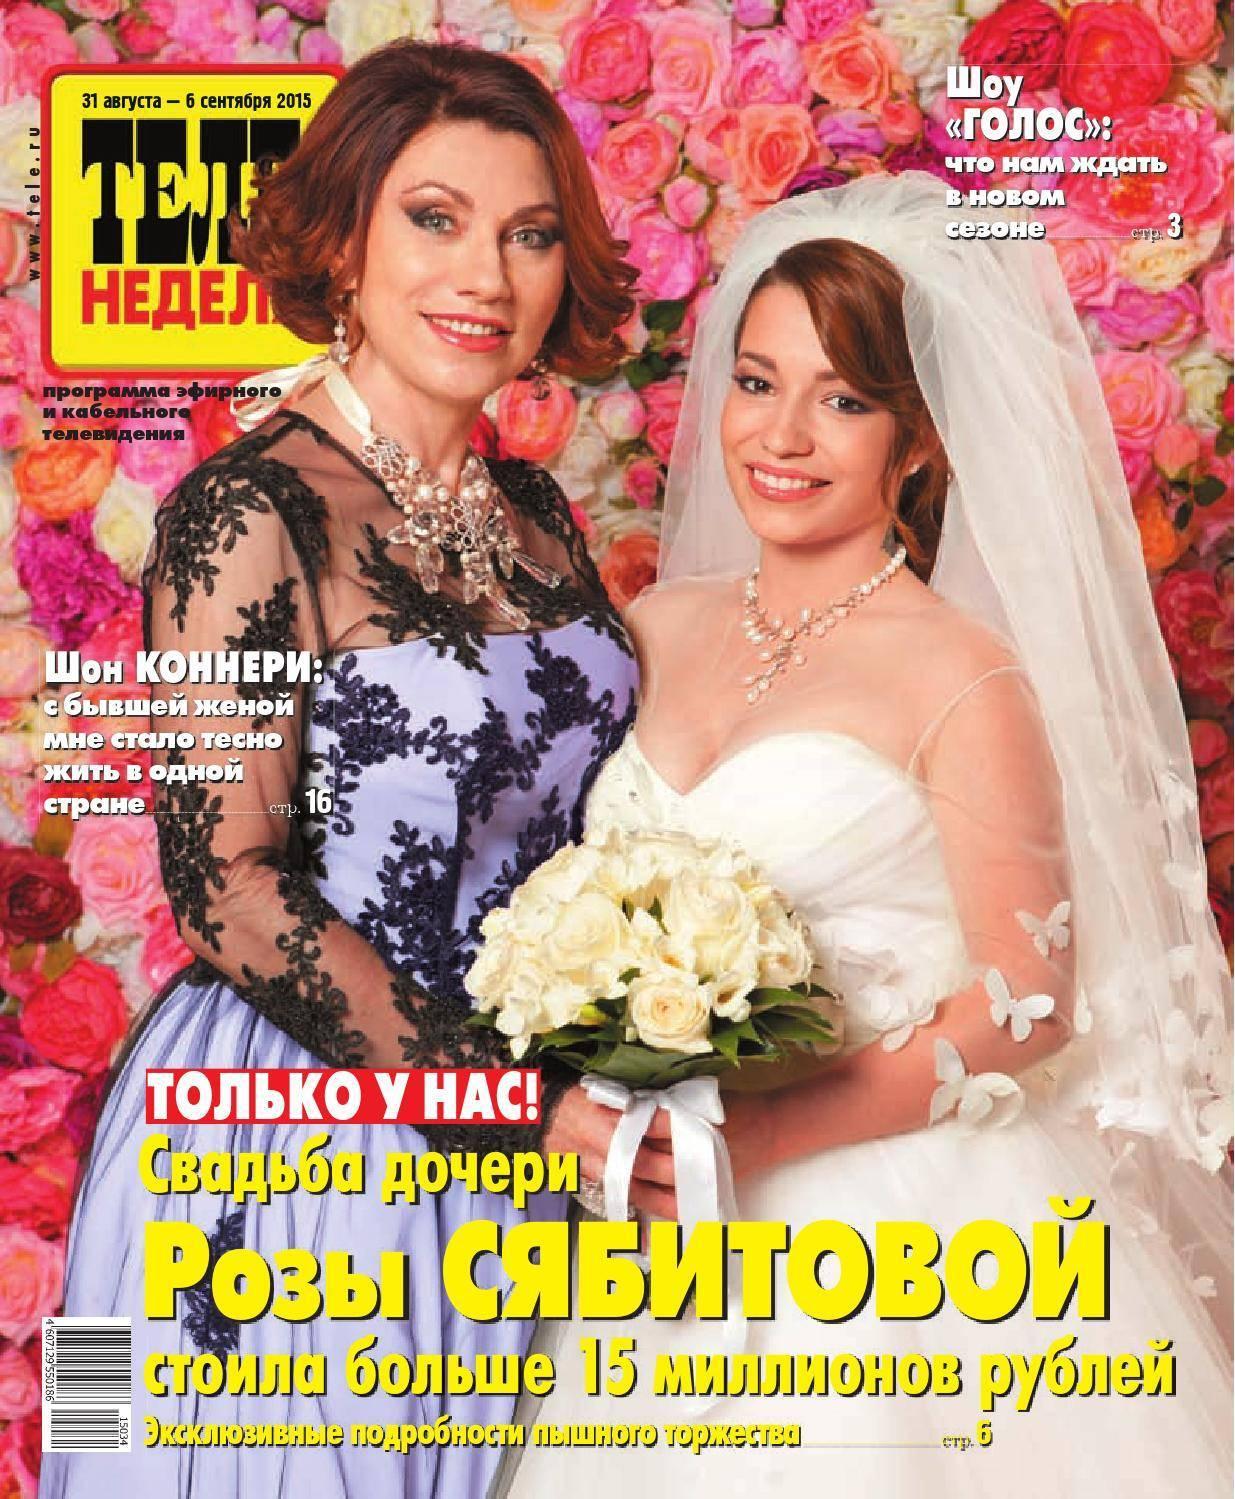 Похищение невесты: традиции и современность. зачем крадут невест на кавказе